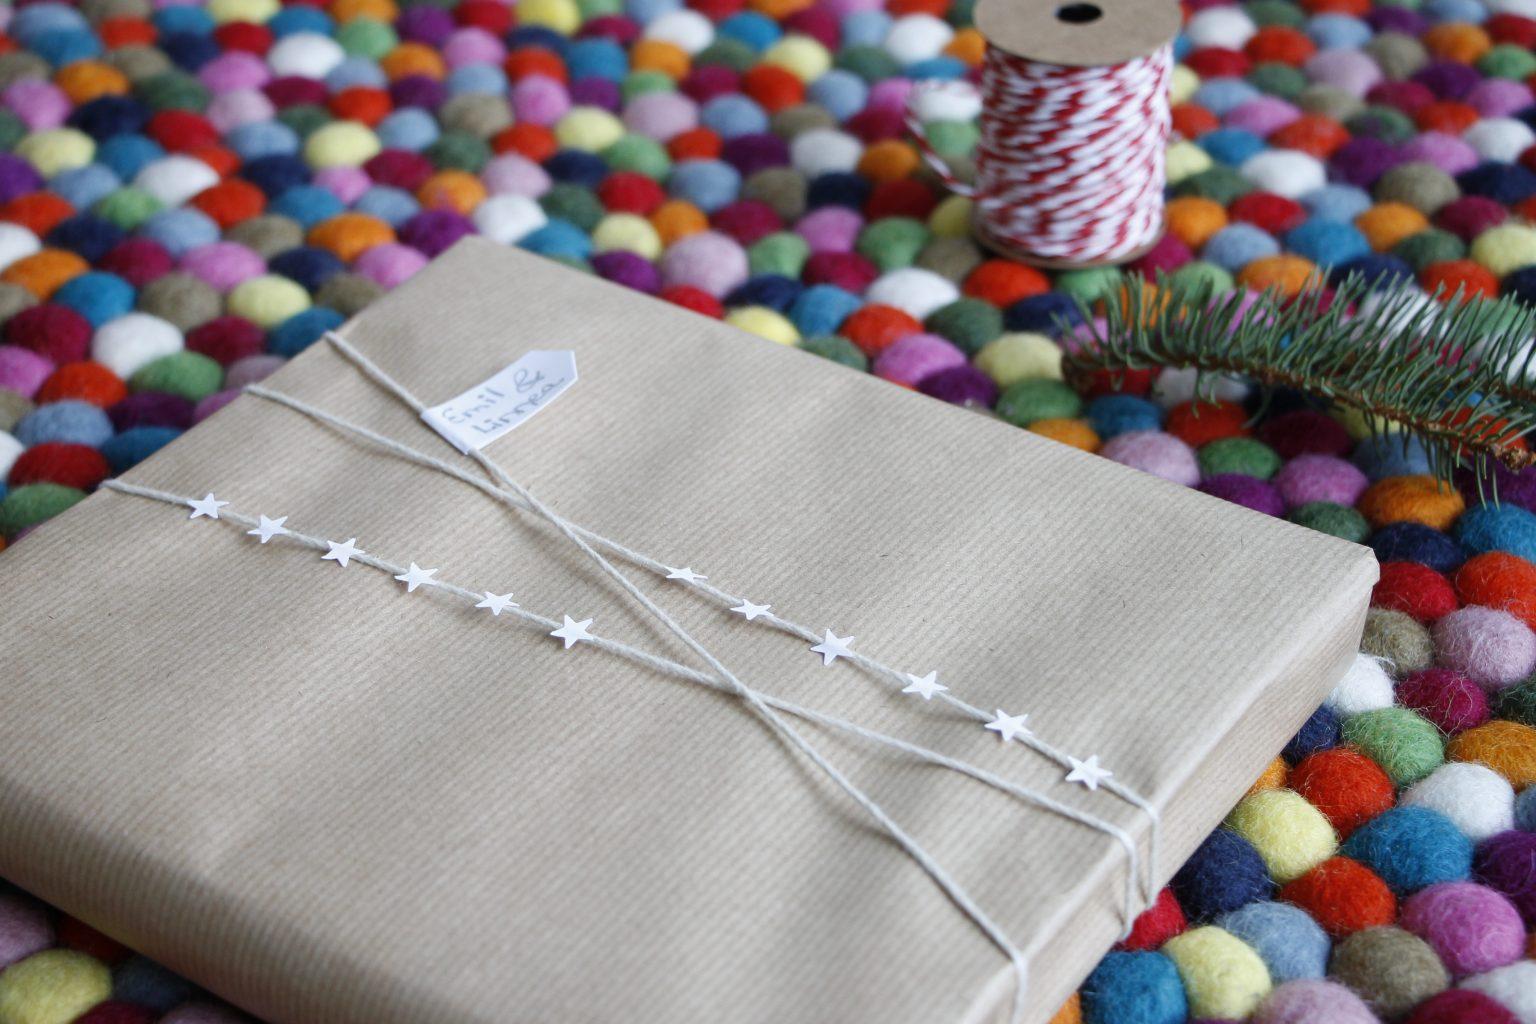 Geschenke mit Packpapier verpacken